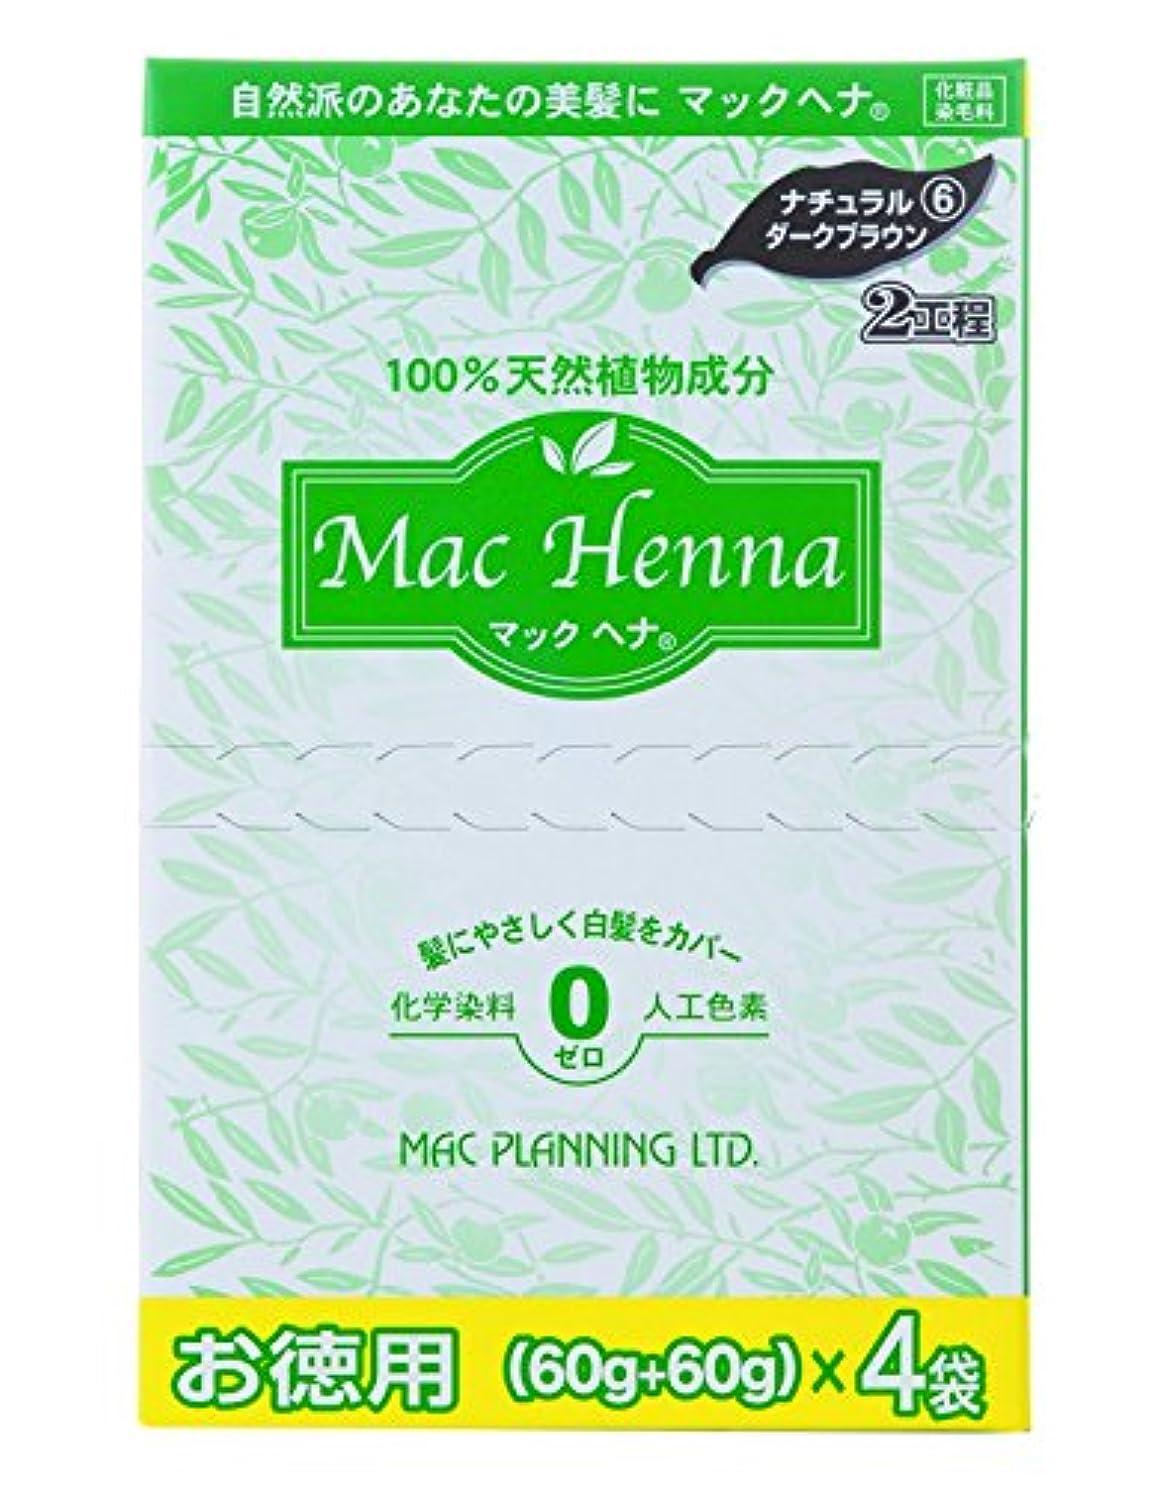 位置する優勢これまでマックヘナ お徳用 ナチュラルダークブラウン480g ヘナ白髪用カラー